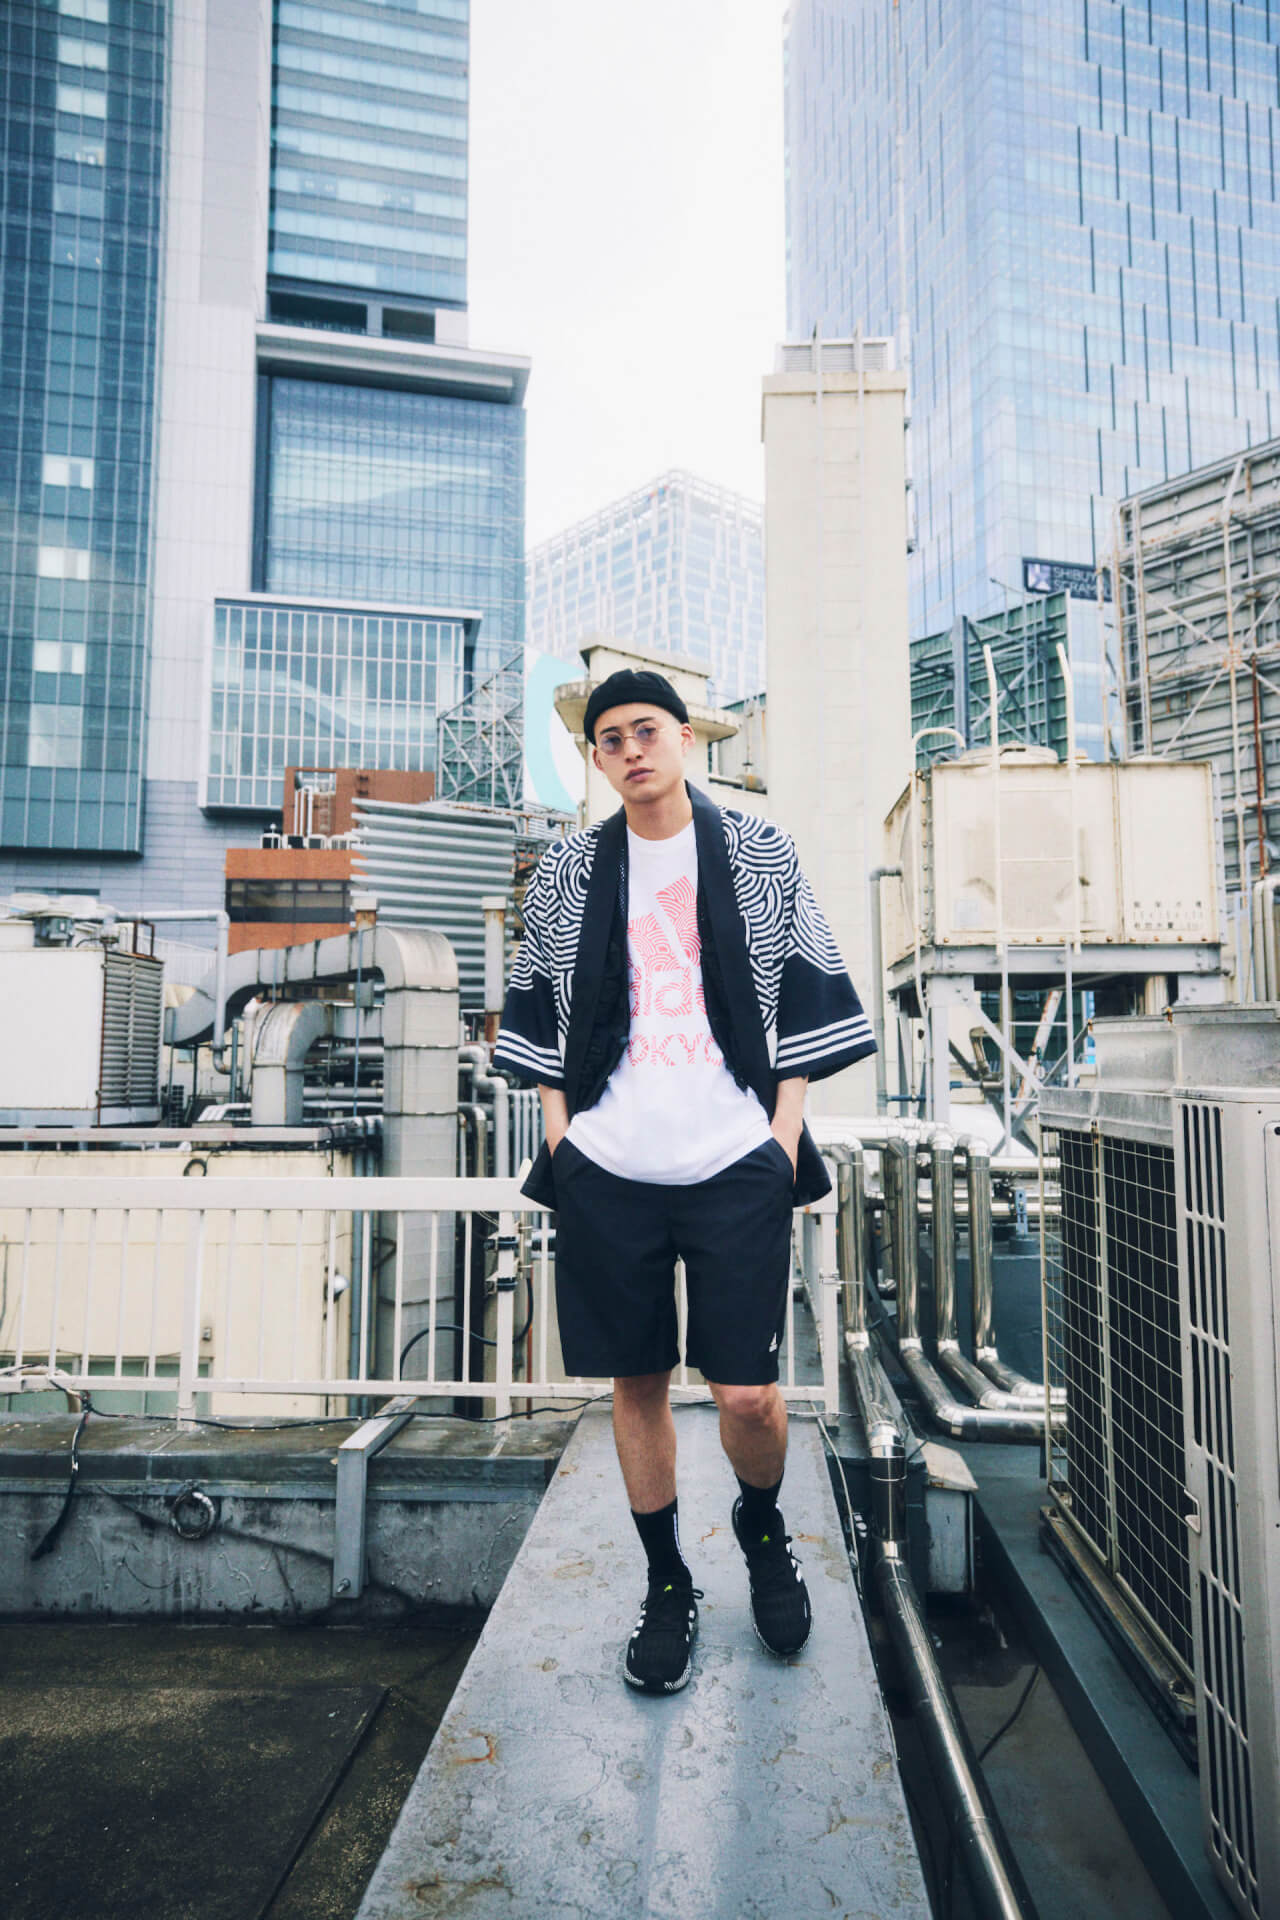 アディダス初の法被ジャケットと浴衣ジャケットが登場!高橋理子とのコラボコレクション『HIROKO TAKAHASHI COLLECTION』が販売開始 music210611_adidas3